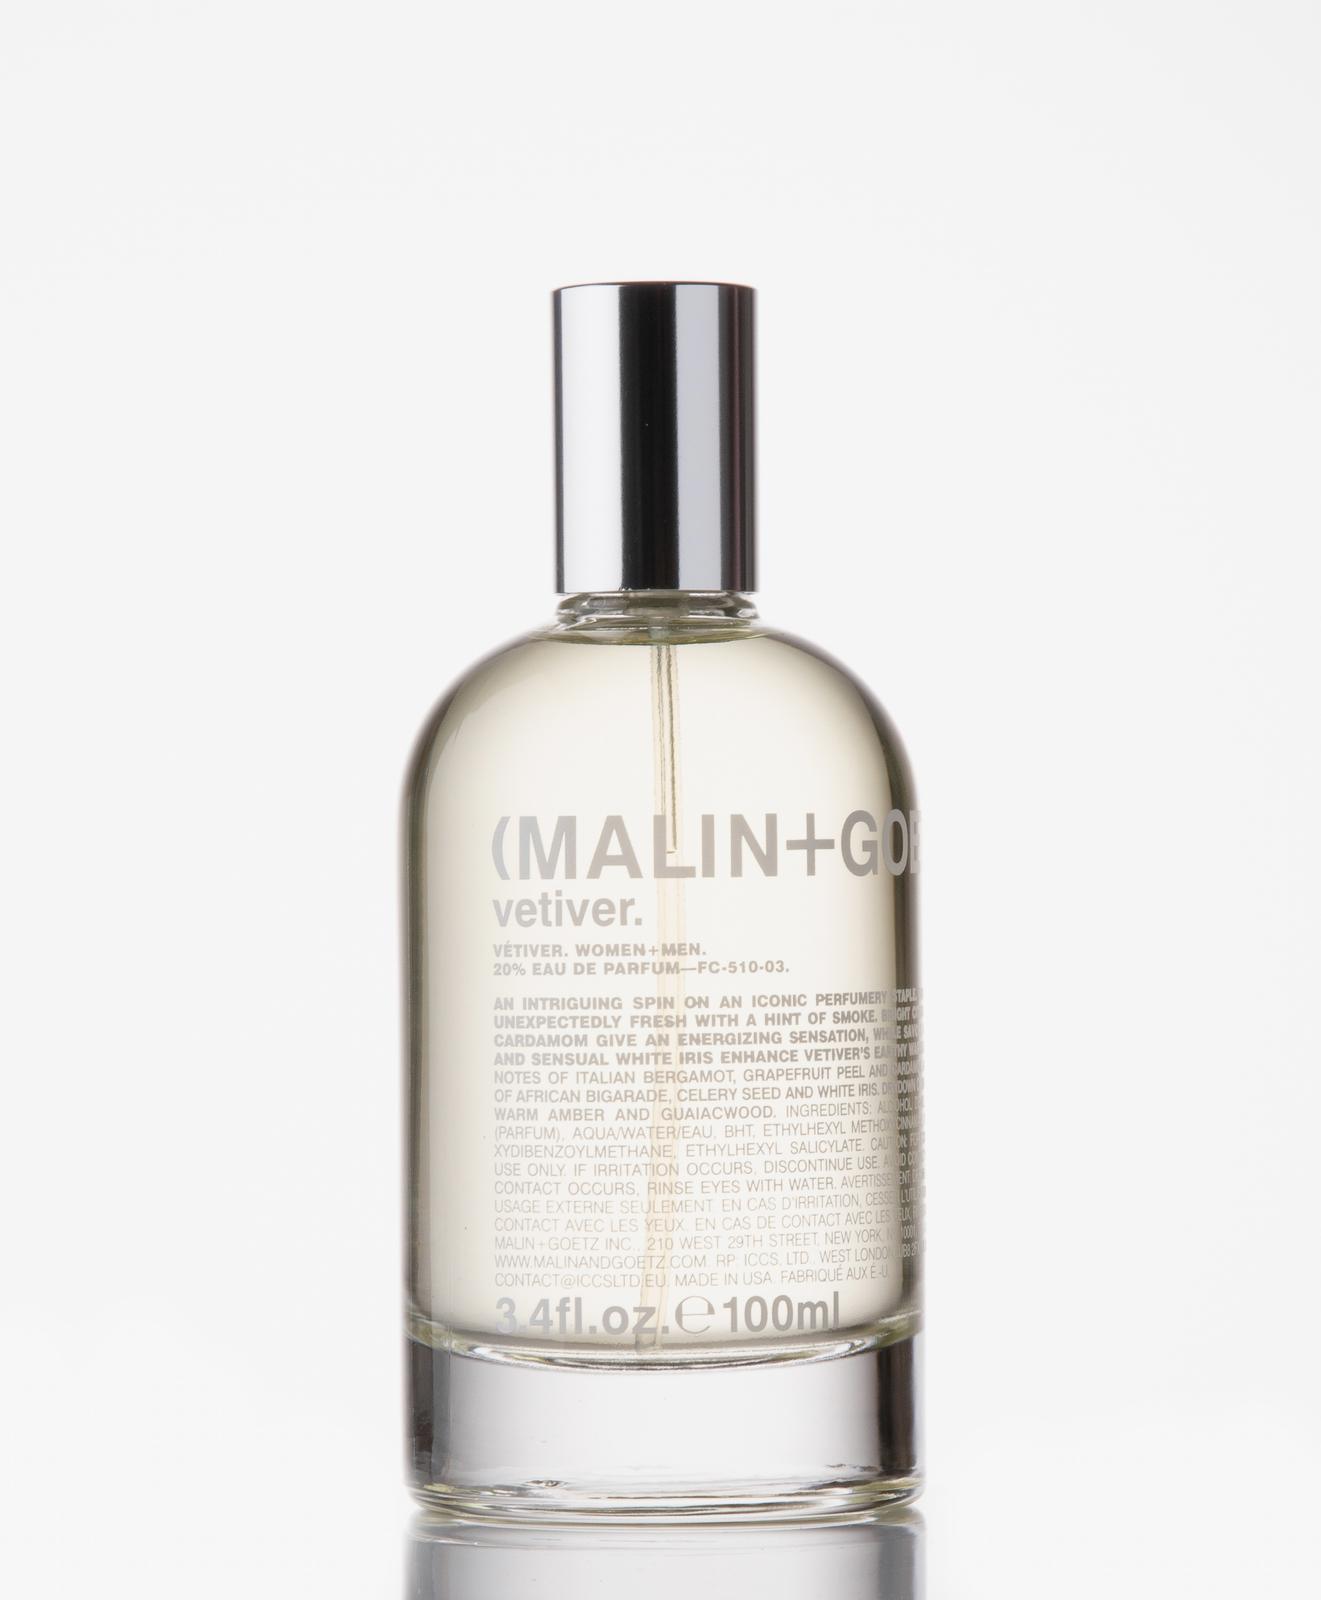 MALIN+GOETZ Vetiver Eau de Parfum eau de parfum fc 510 03